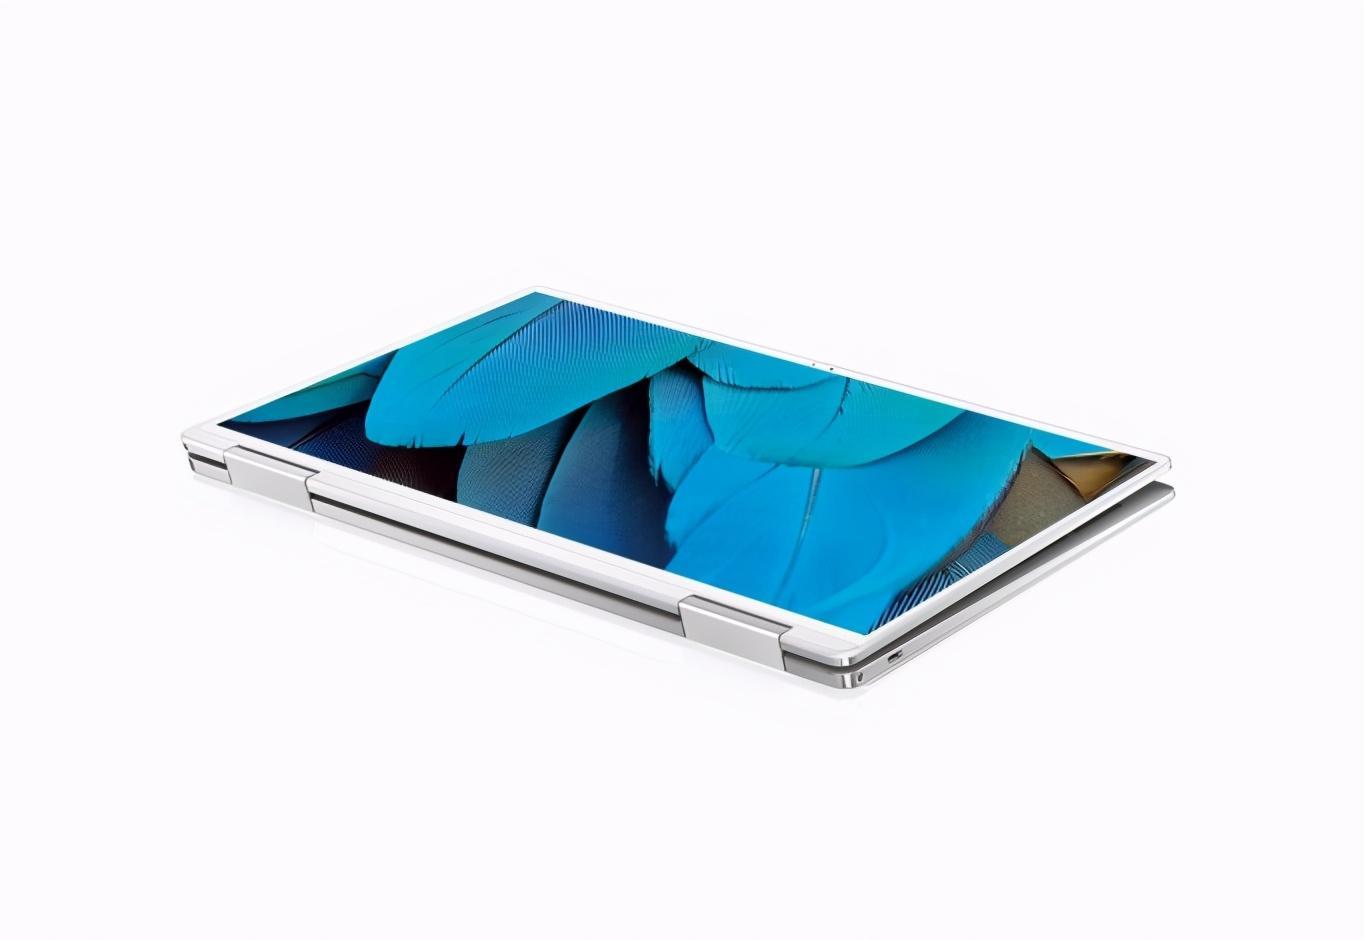 新款XPS13二合一笔记本开卖;宏碁非凡S5抗菌笔记本首销